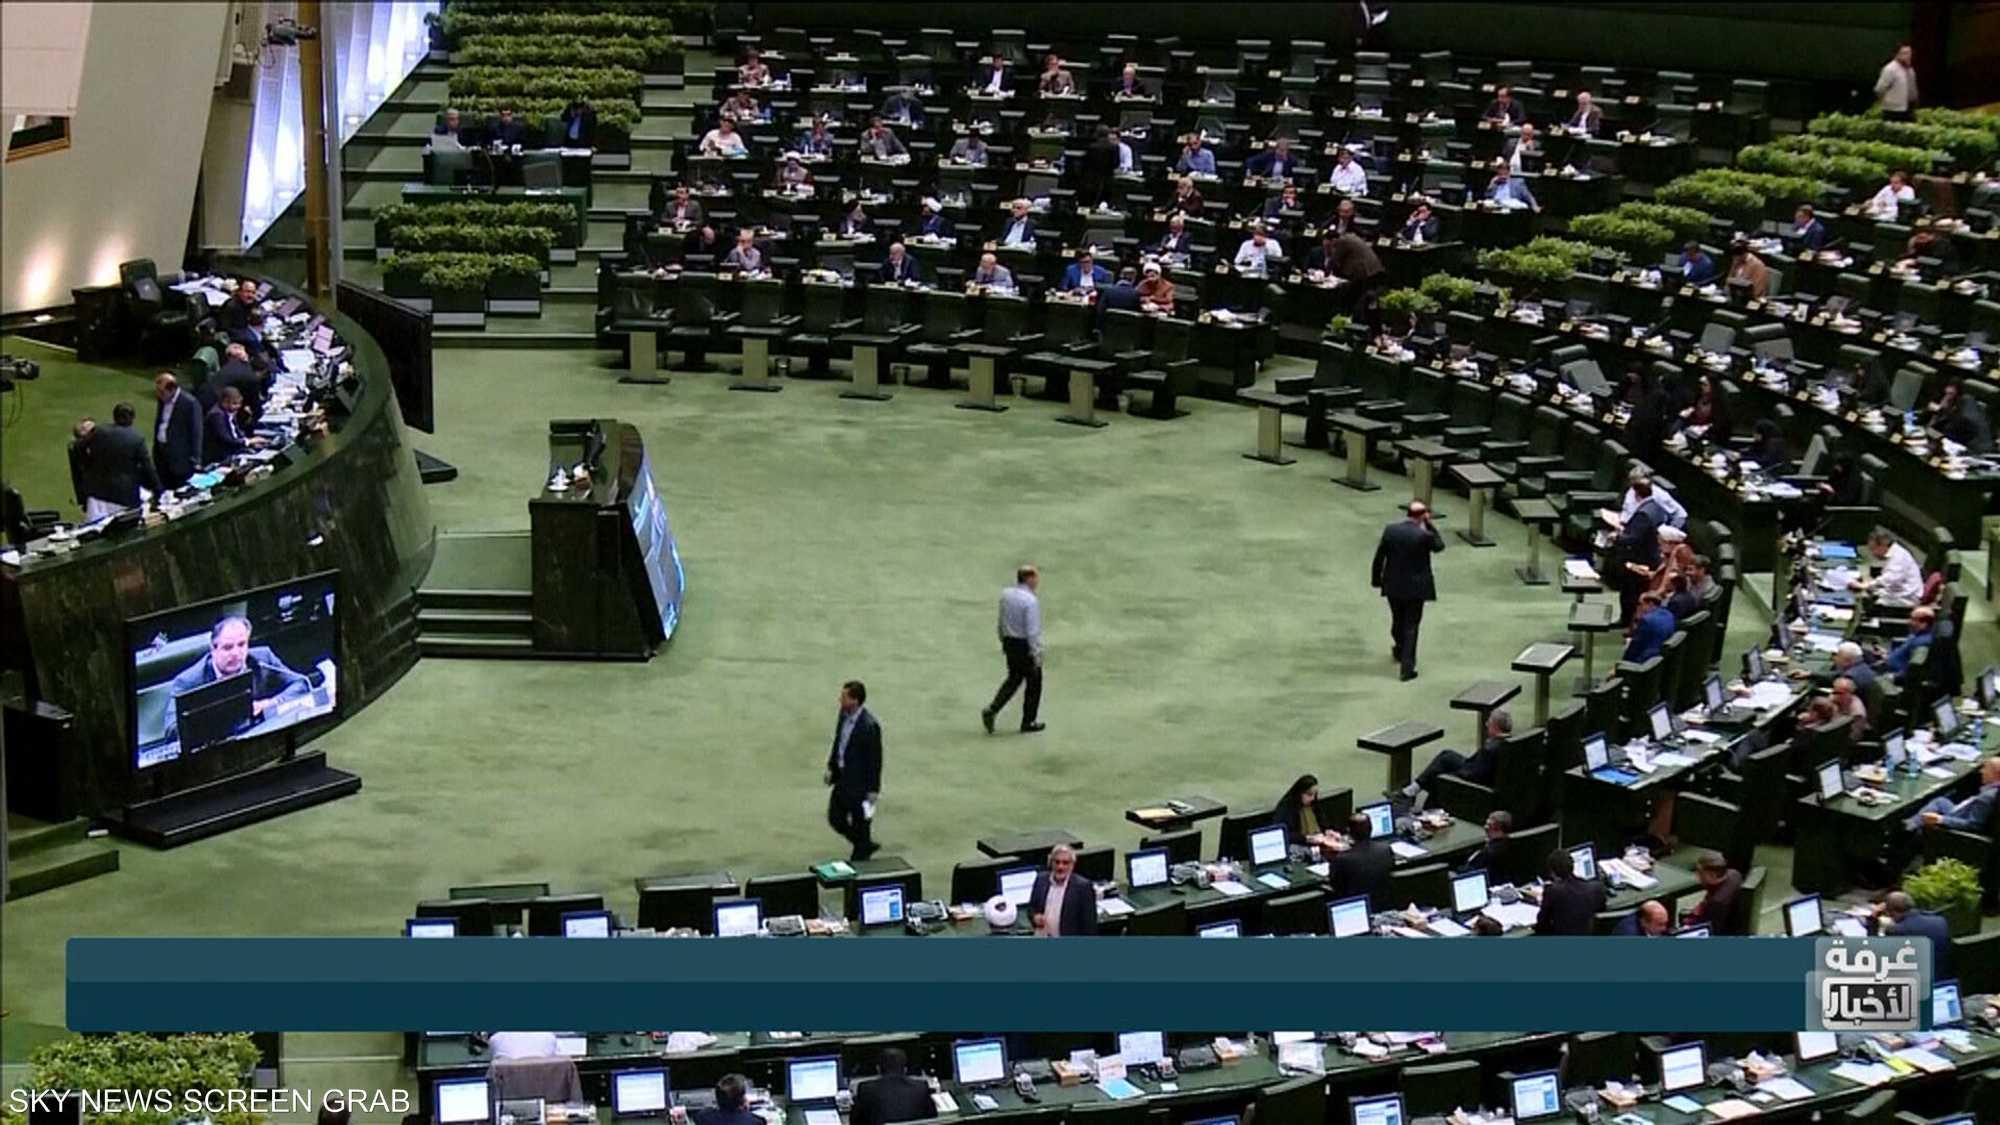 طهران تهدد بتقليص التزامها بالاتفاق النووي بشكل كبير